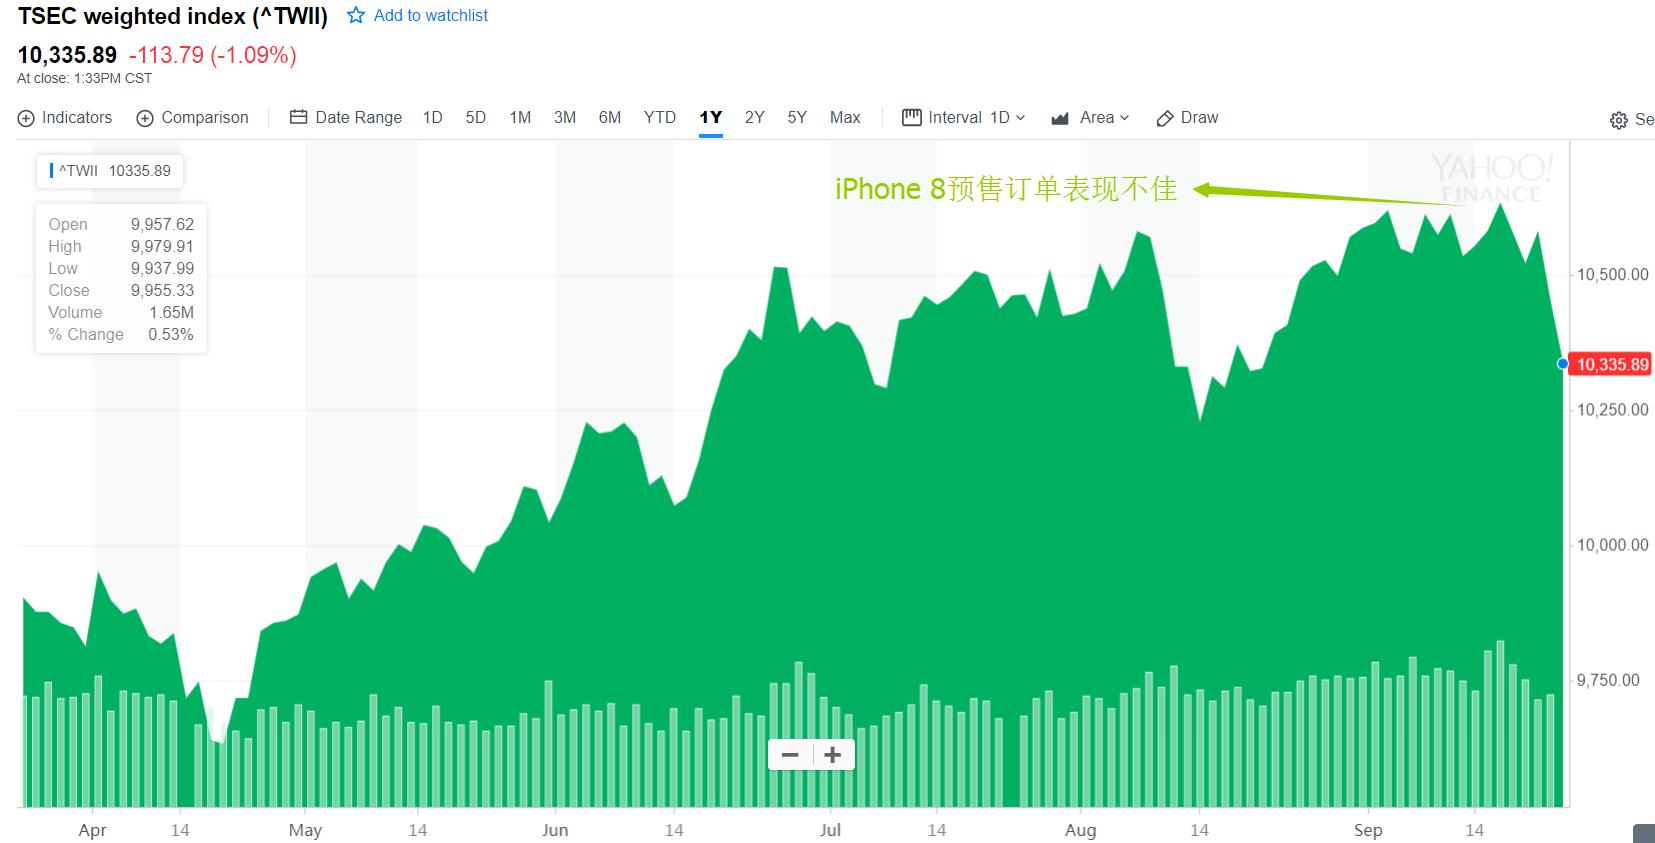 iPhone 8遇冷的悲剧:供应商股价惨跌,资金逃离台湾股市